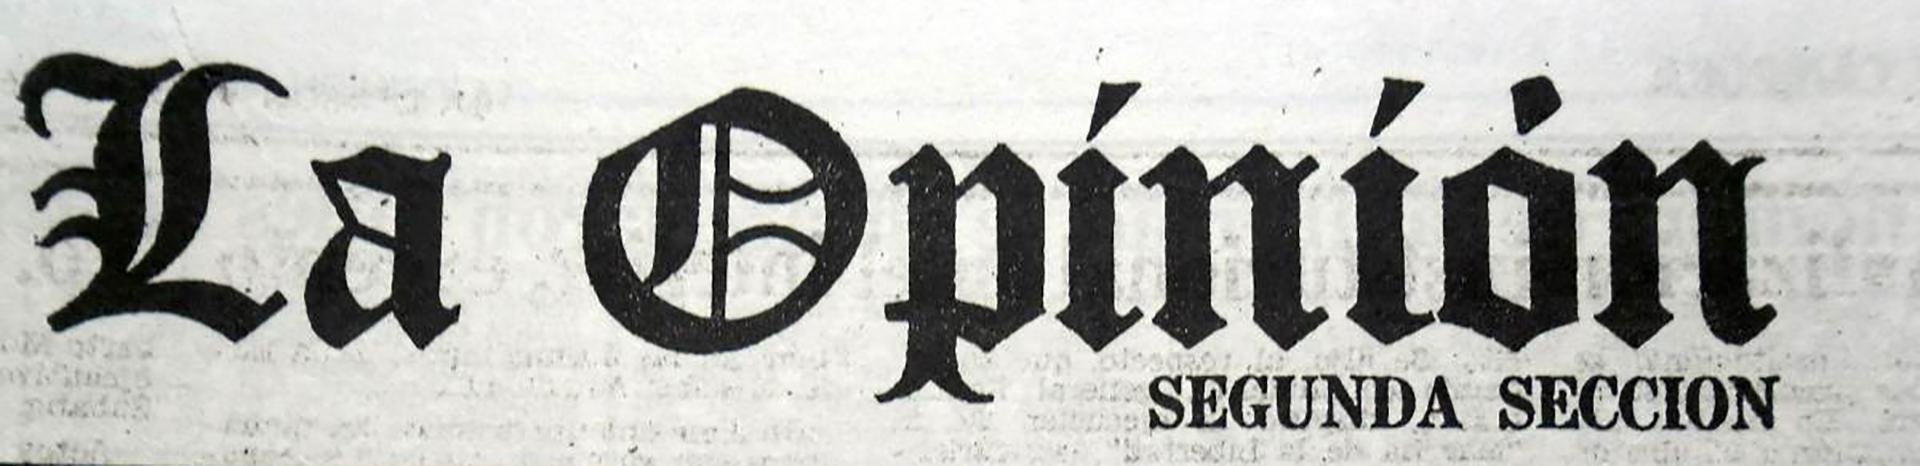 El diario la Opinión fue fundado en 1971 por Jacobo Timerman